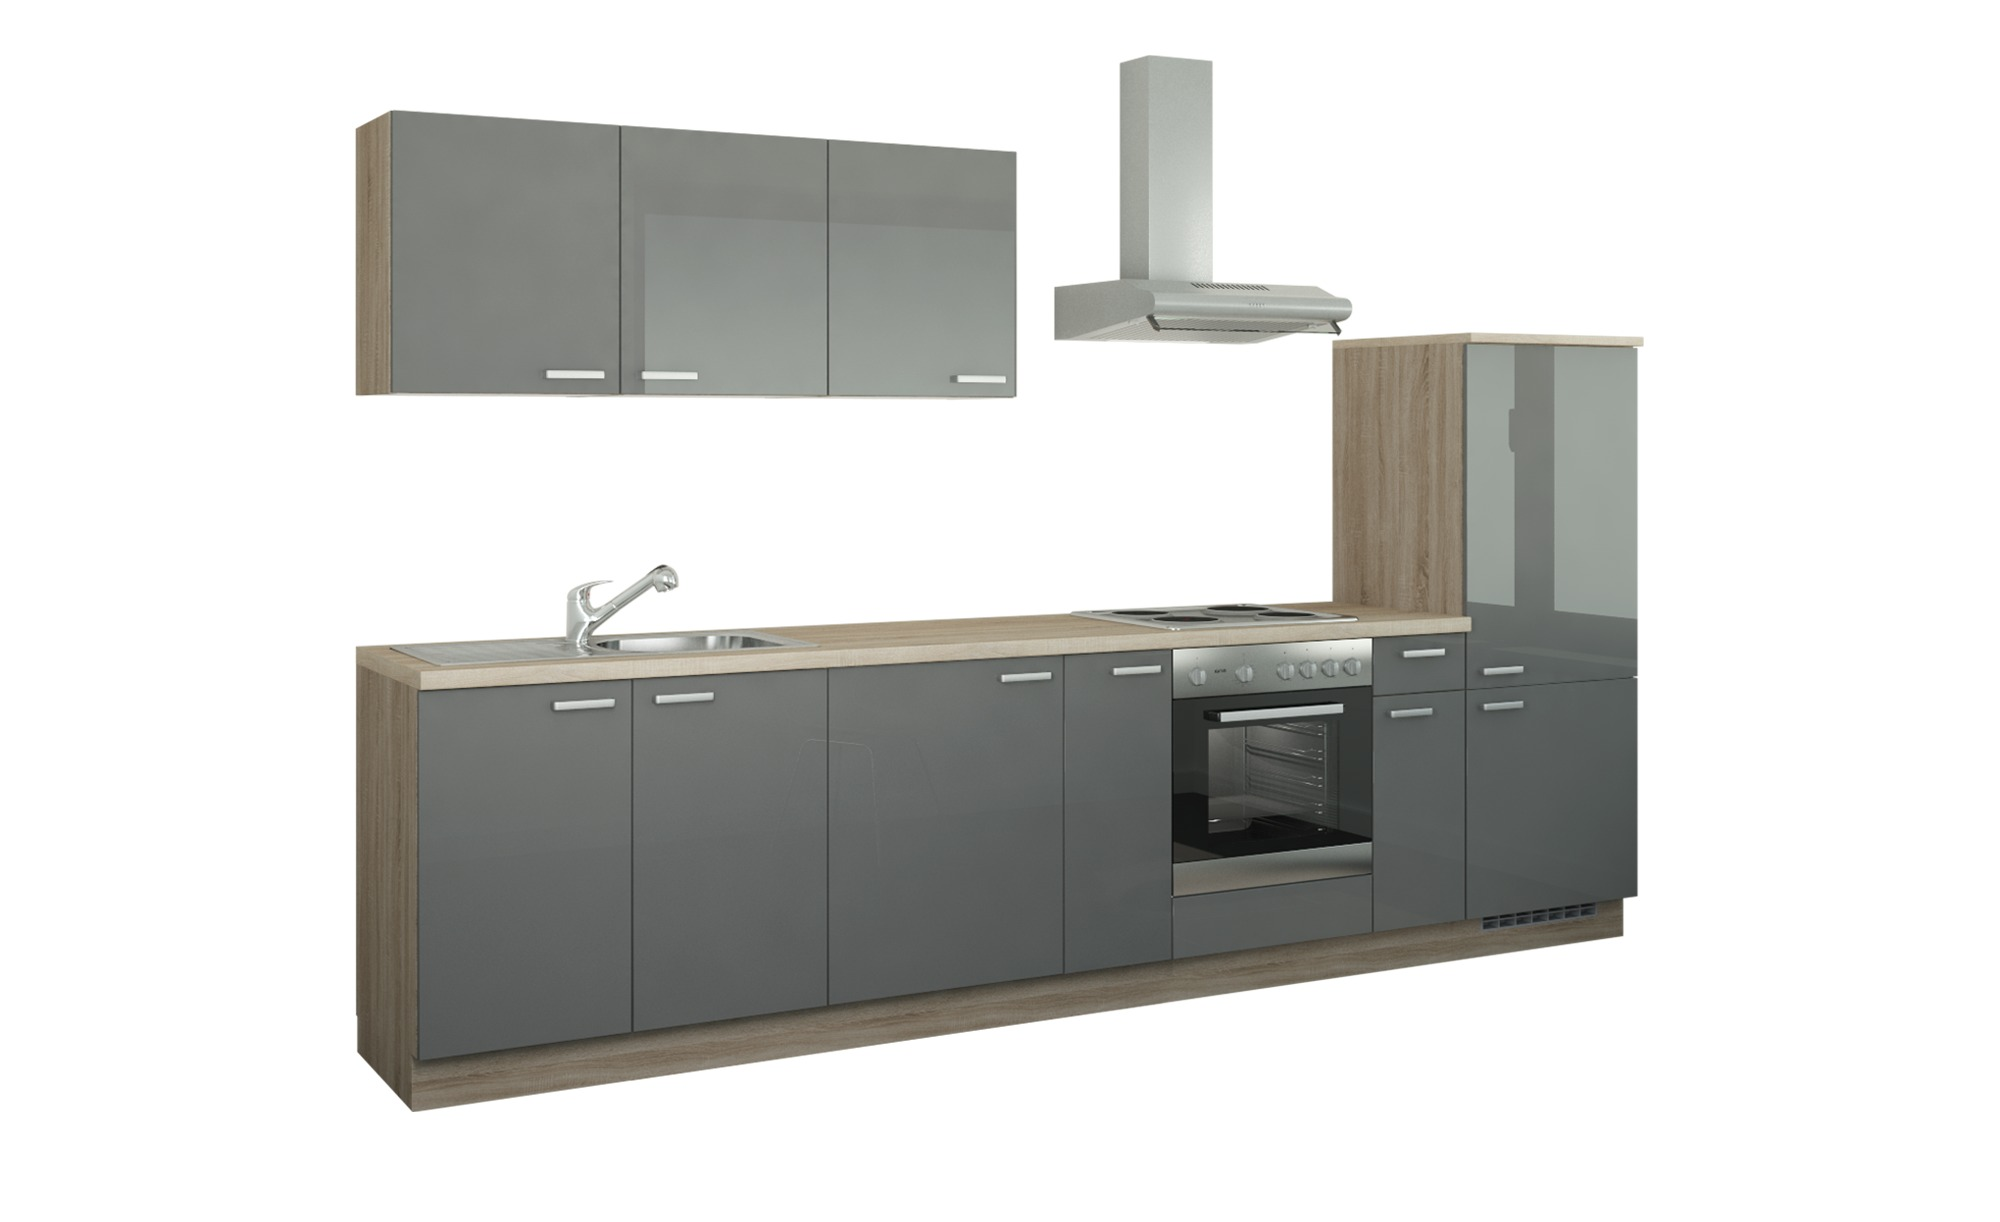 Küchenzeile mit Elektrogeräten Fulda ¦ Maße (cm): B: 330 Küchen >  Küchenblöcke - Höffner